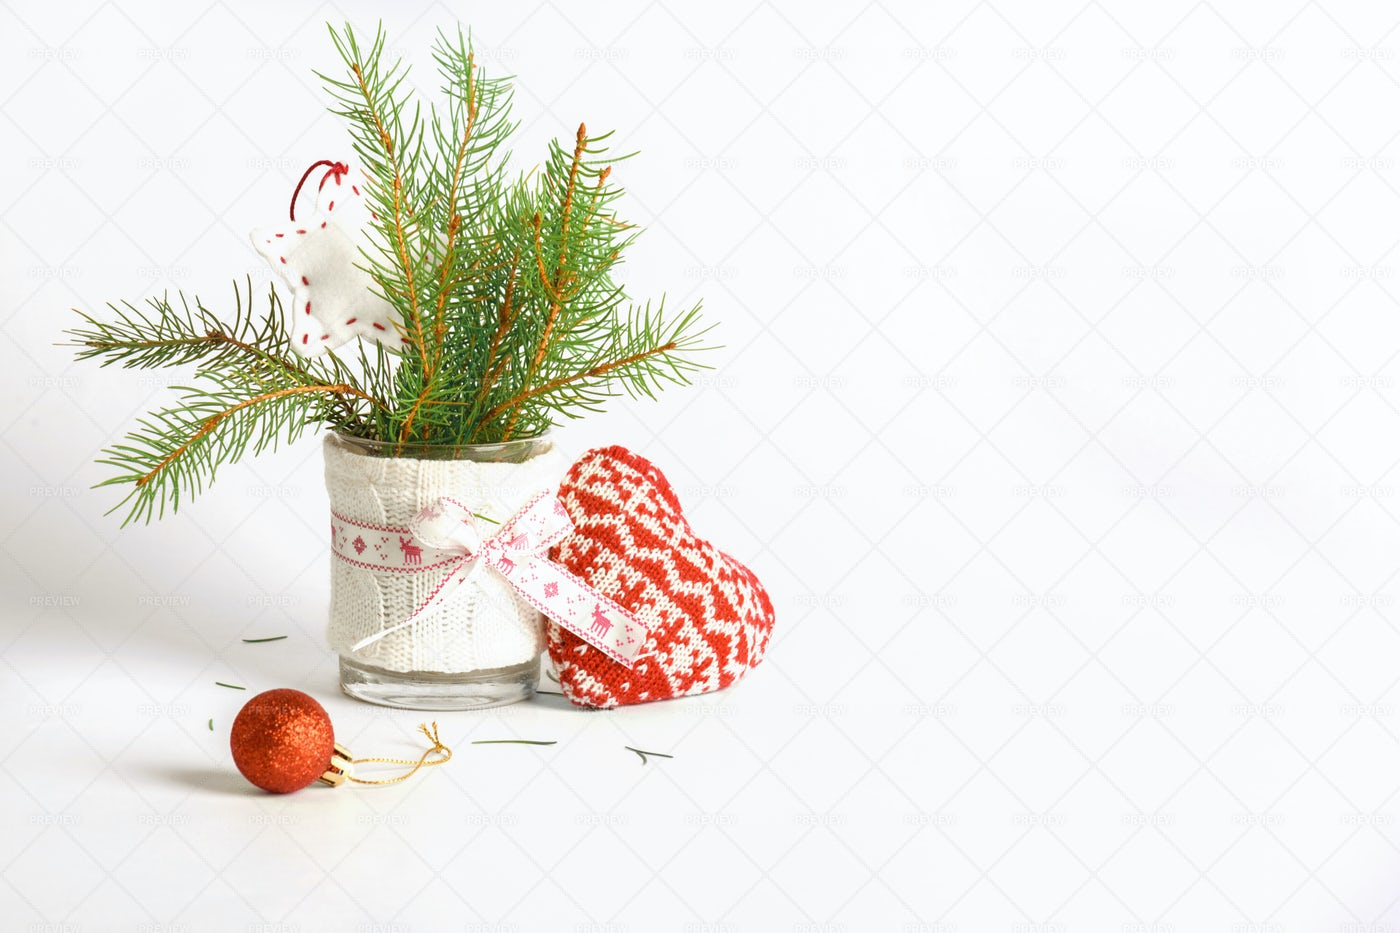 Christmas Home Decor: Stock Photos